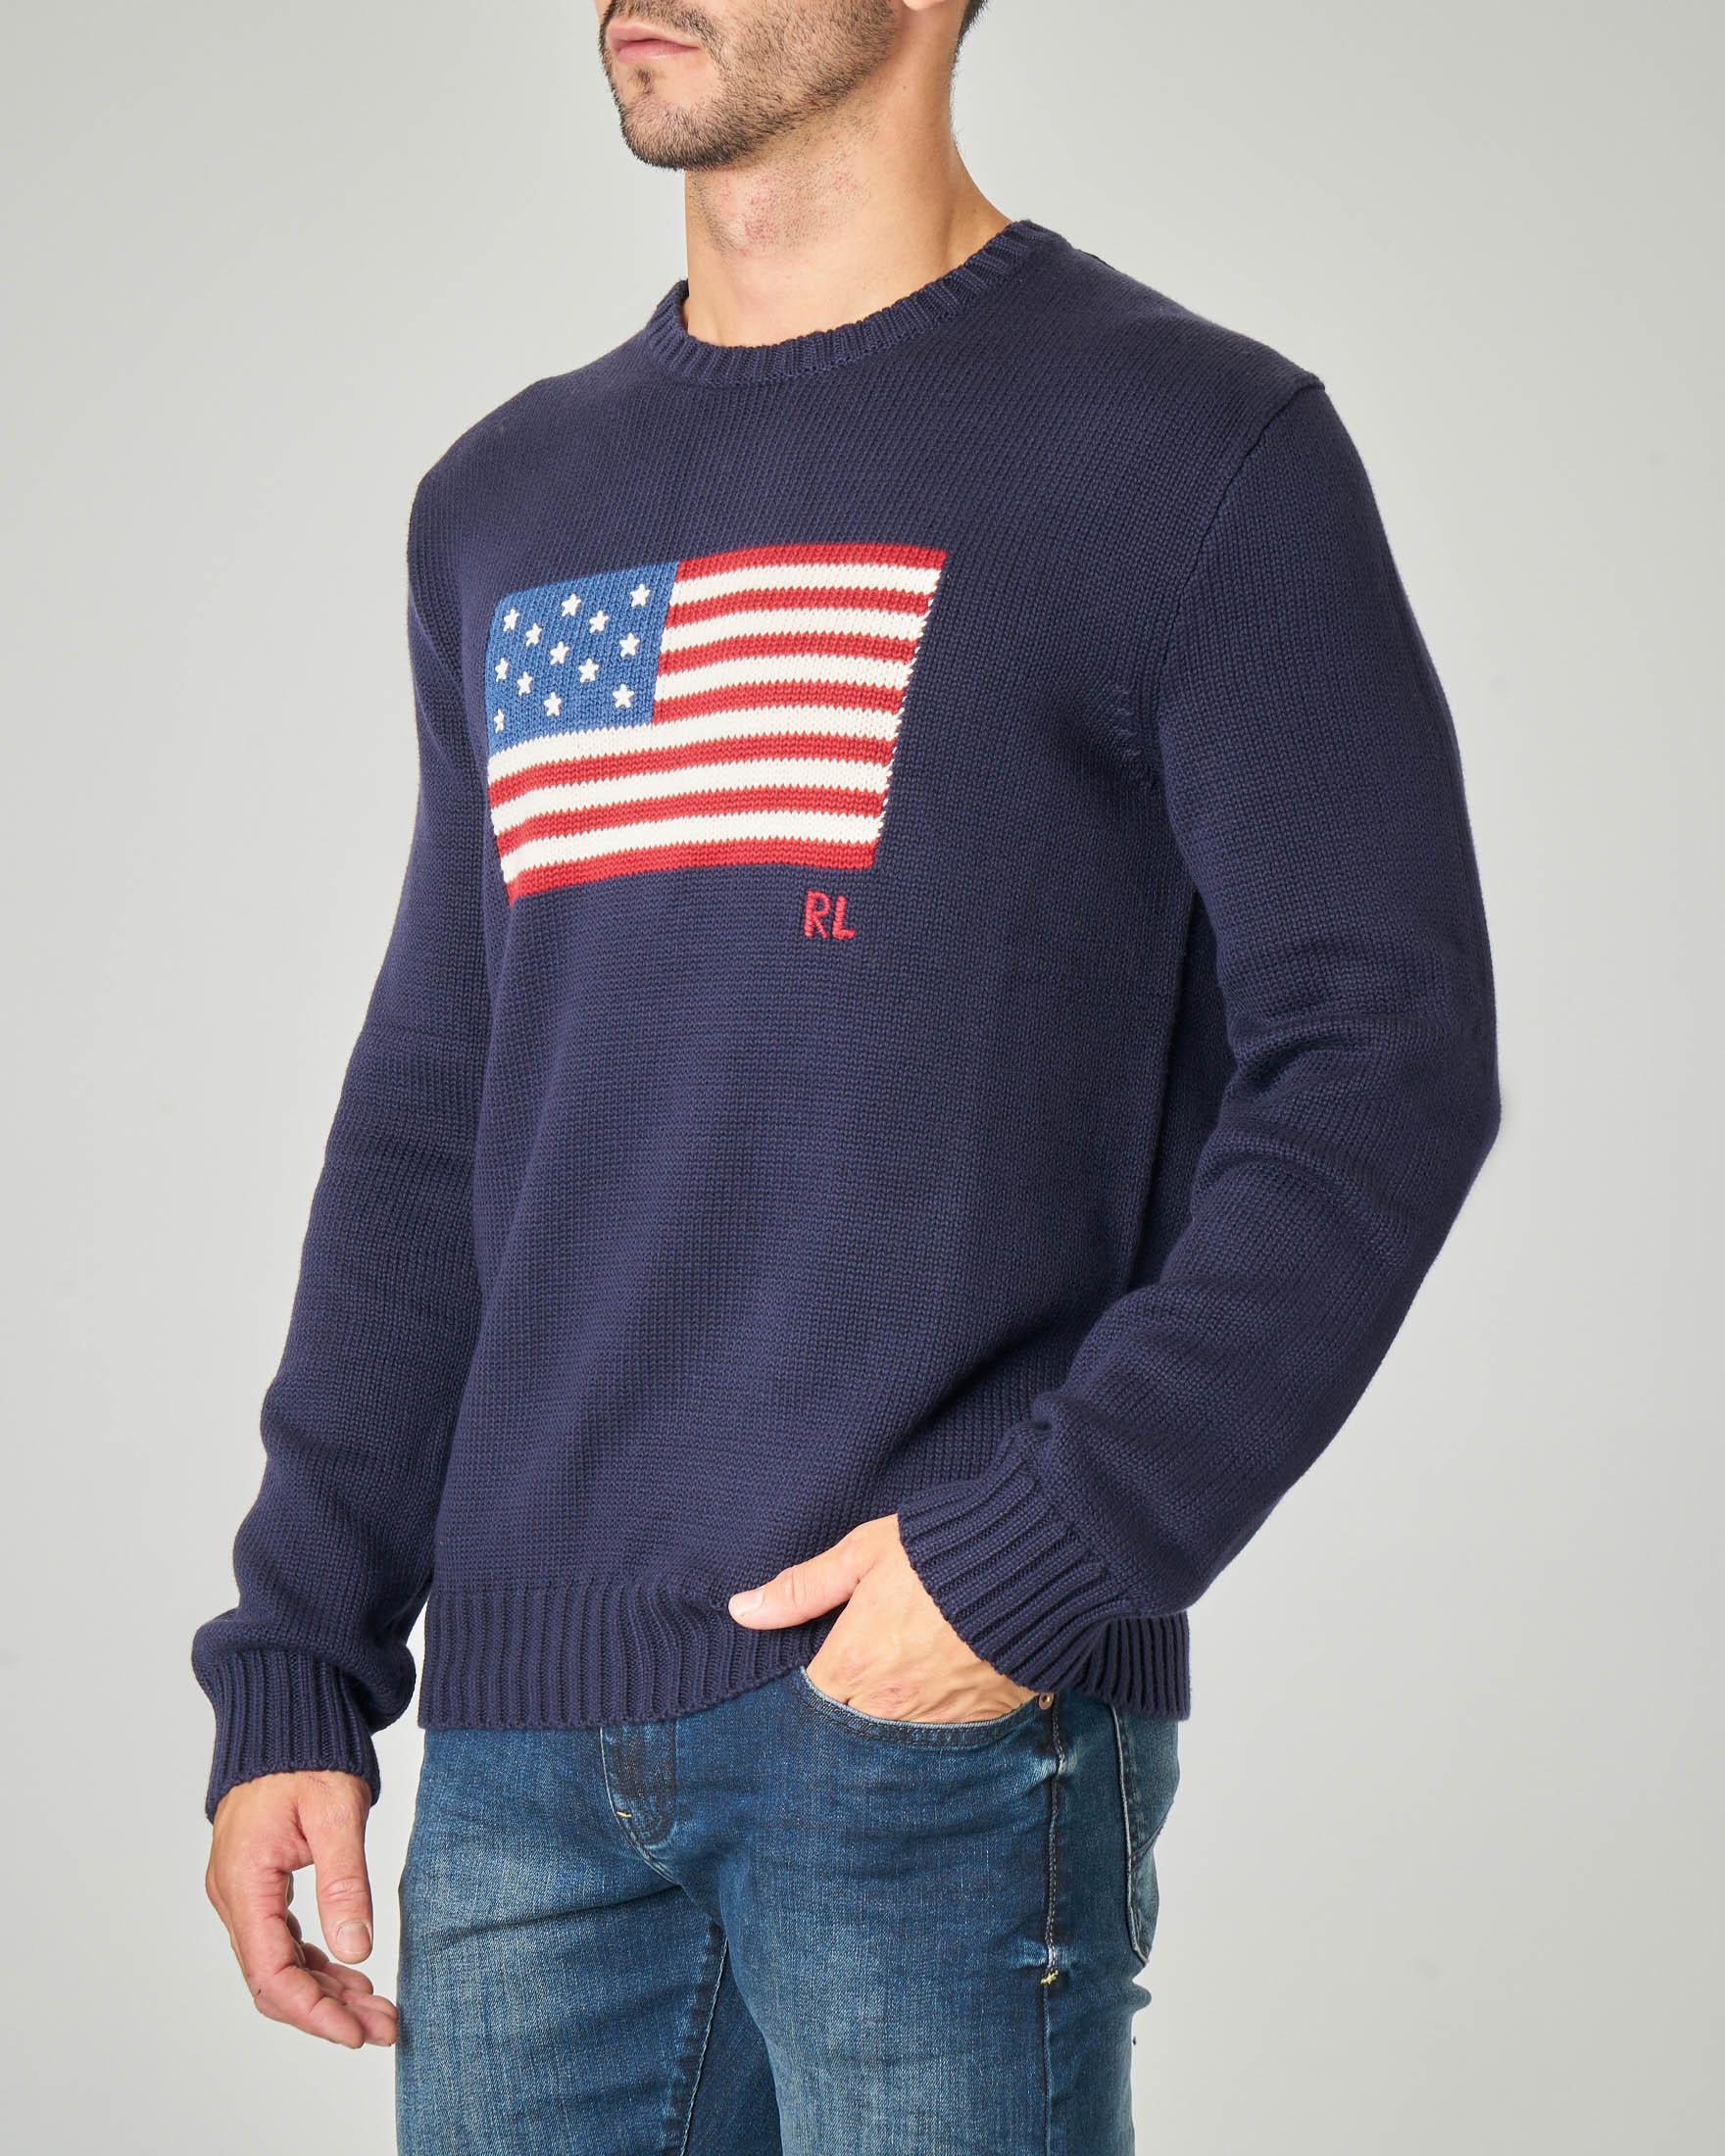 Maglia blu girocollo in cotone con bandiera USA ricamata